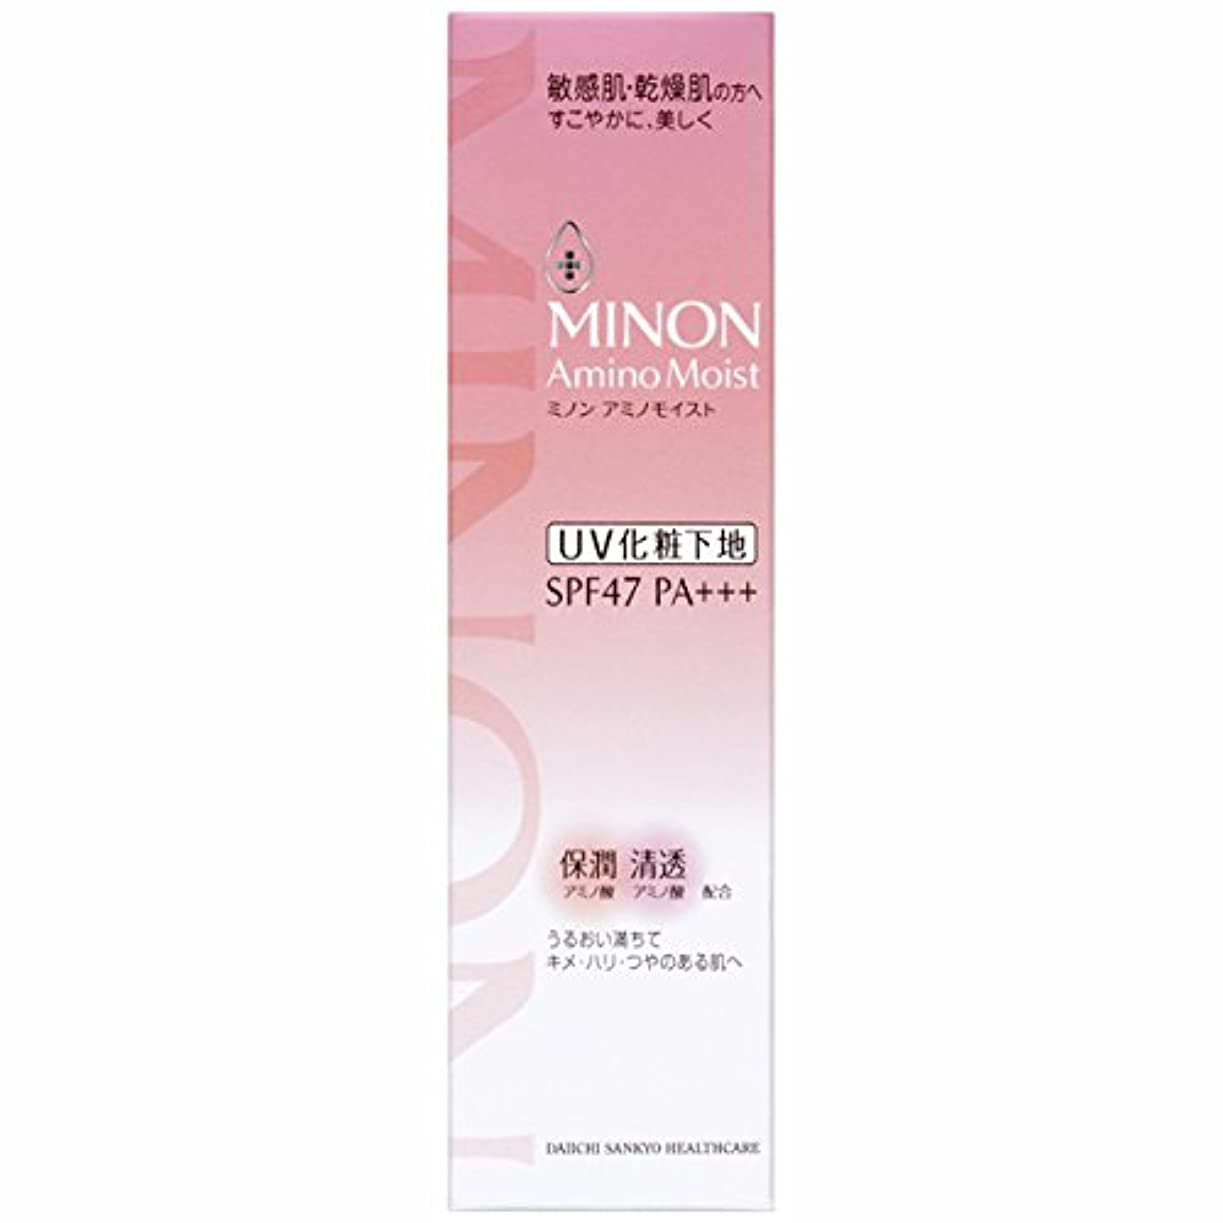 丁寧不利乏しいミノン アミノモイスト ブライトアップベース UV 25g